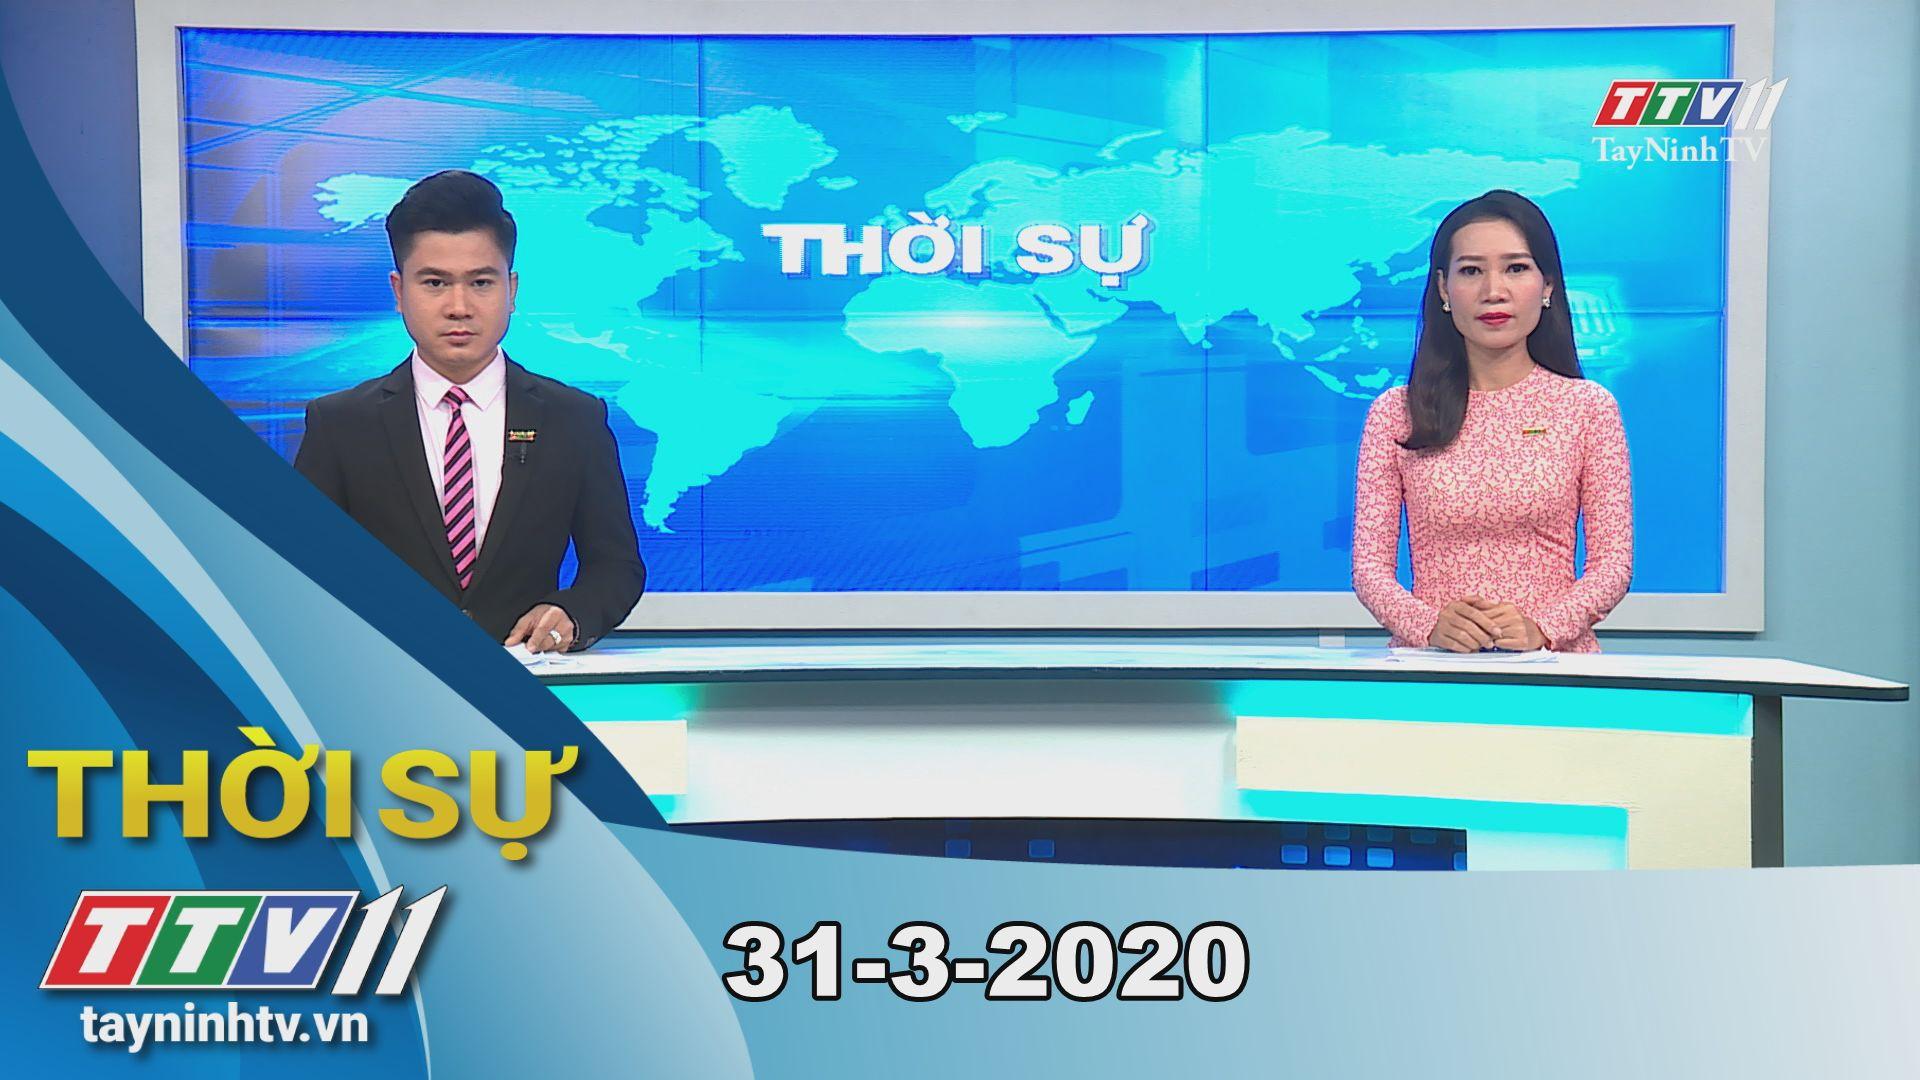 Thời sự Tây Ninh 31-3-2020 | Tin tức hôm nay | TayNinhTV